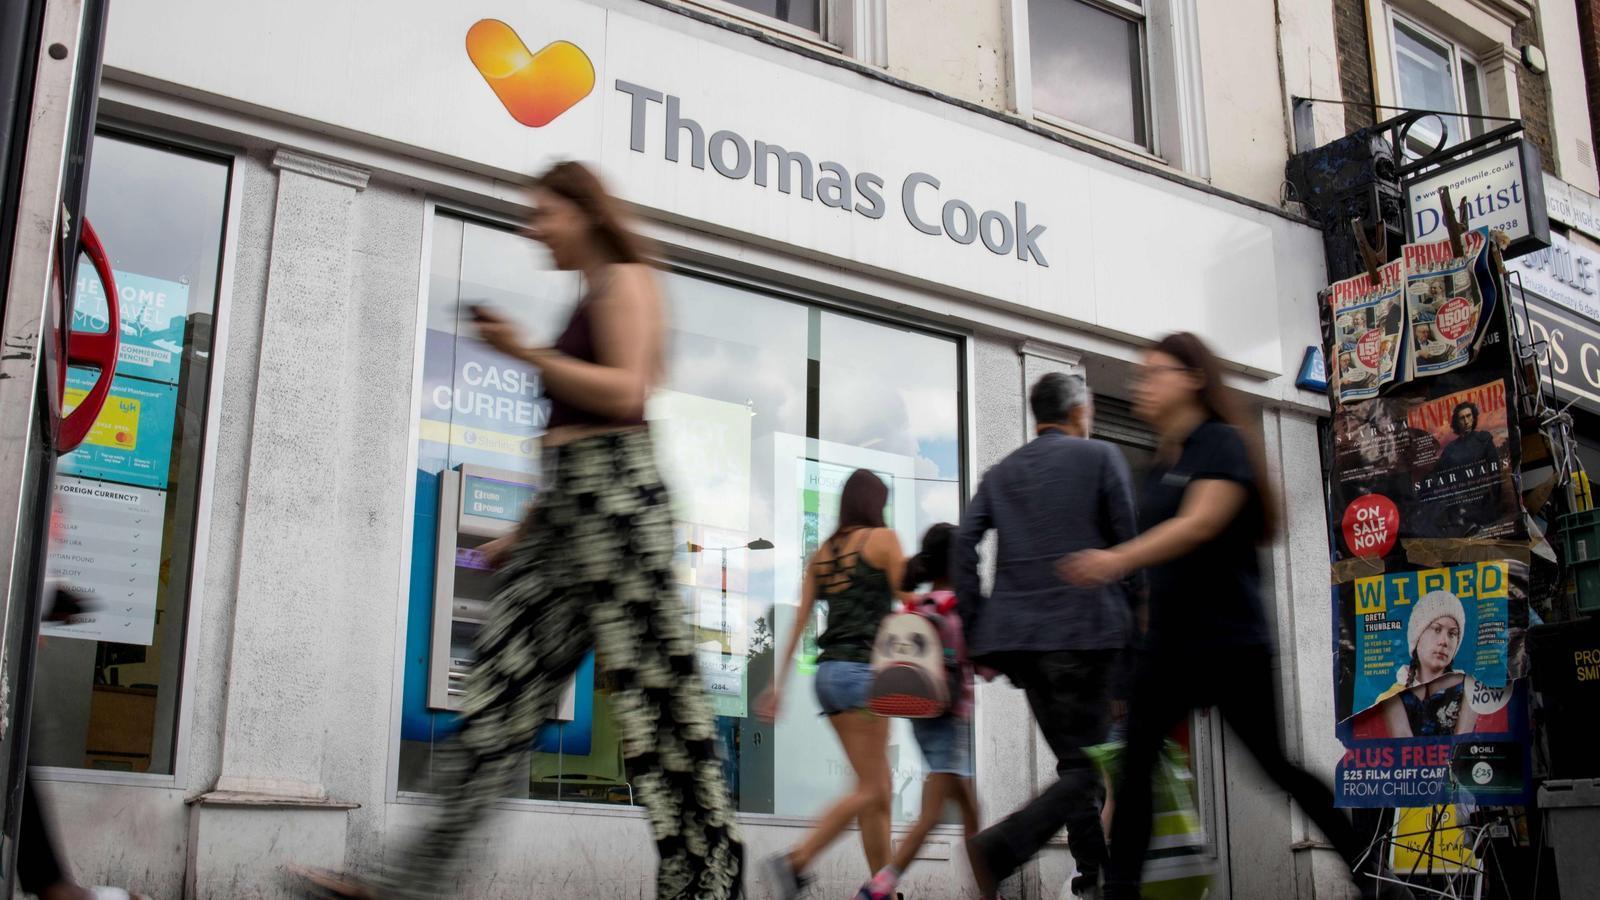 Una agència londinenca de Thomas Cook, el grup que compta amb 22.000 treballadors.